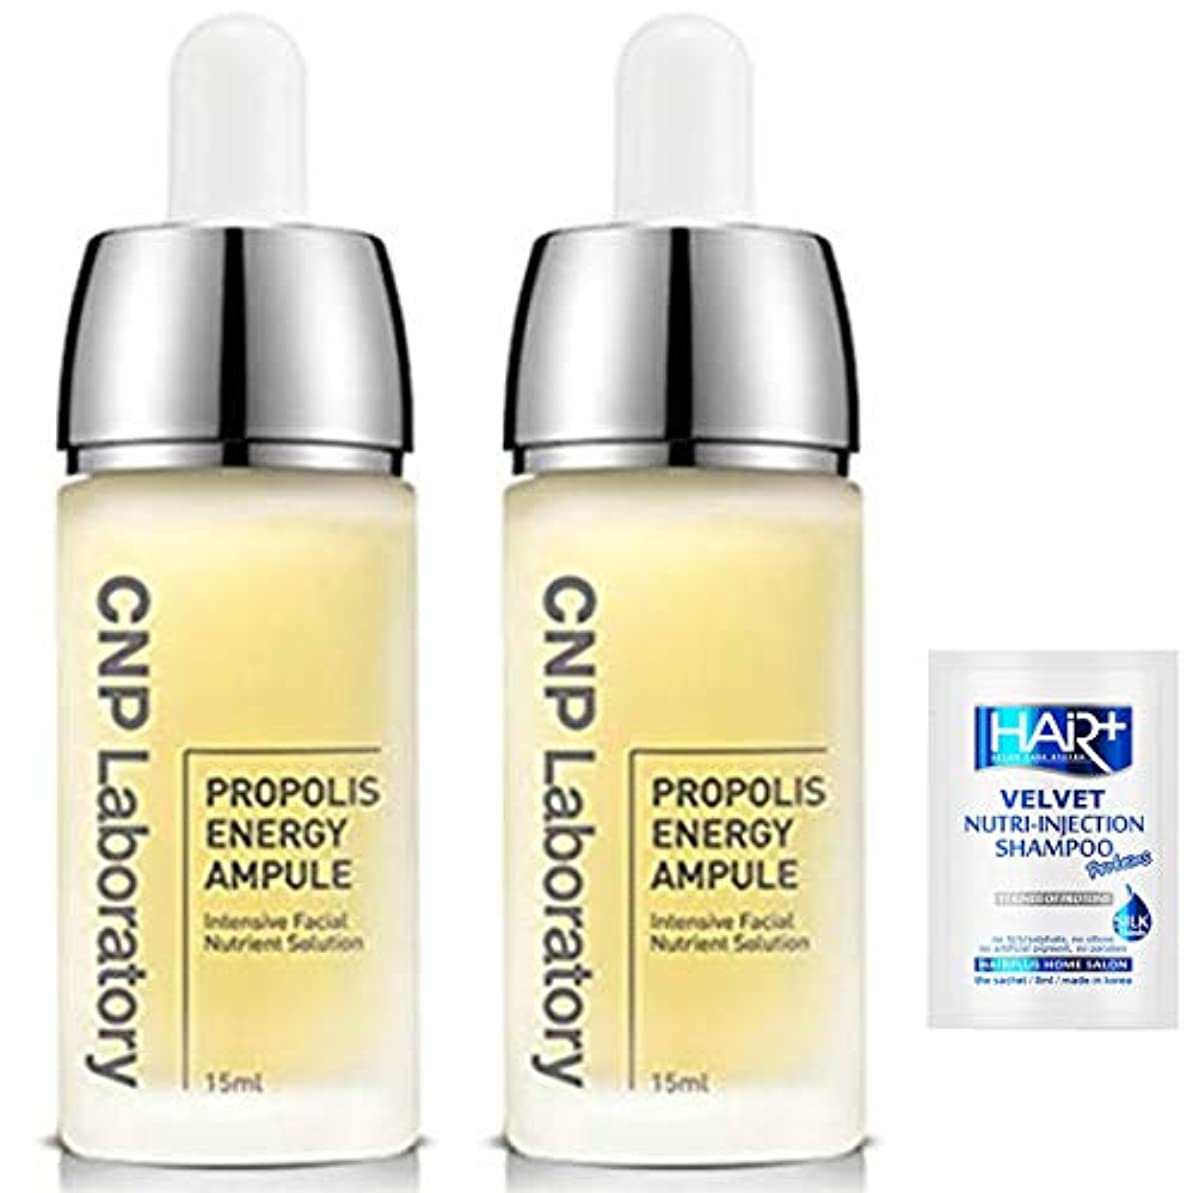 計画的差し引く囚人【CNP Laboratory】プロポリス エネルギーアンプル 15ml X 2EA+HairPlus NonSilicon Shampoo 8ml